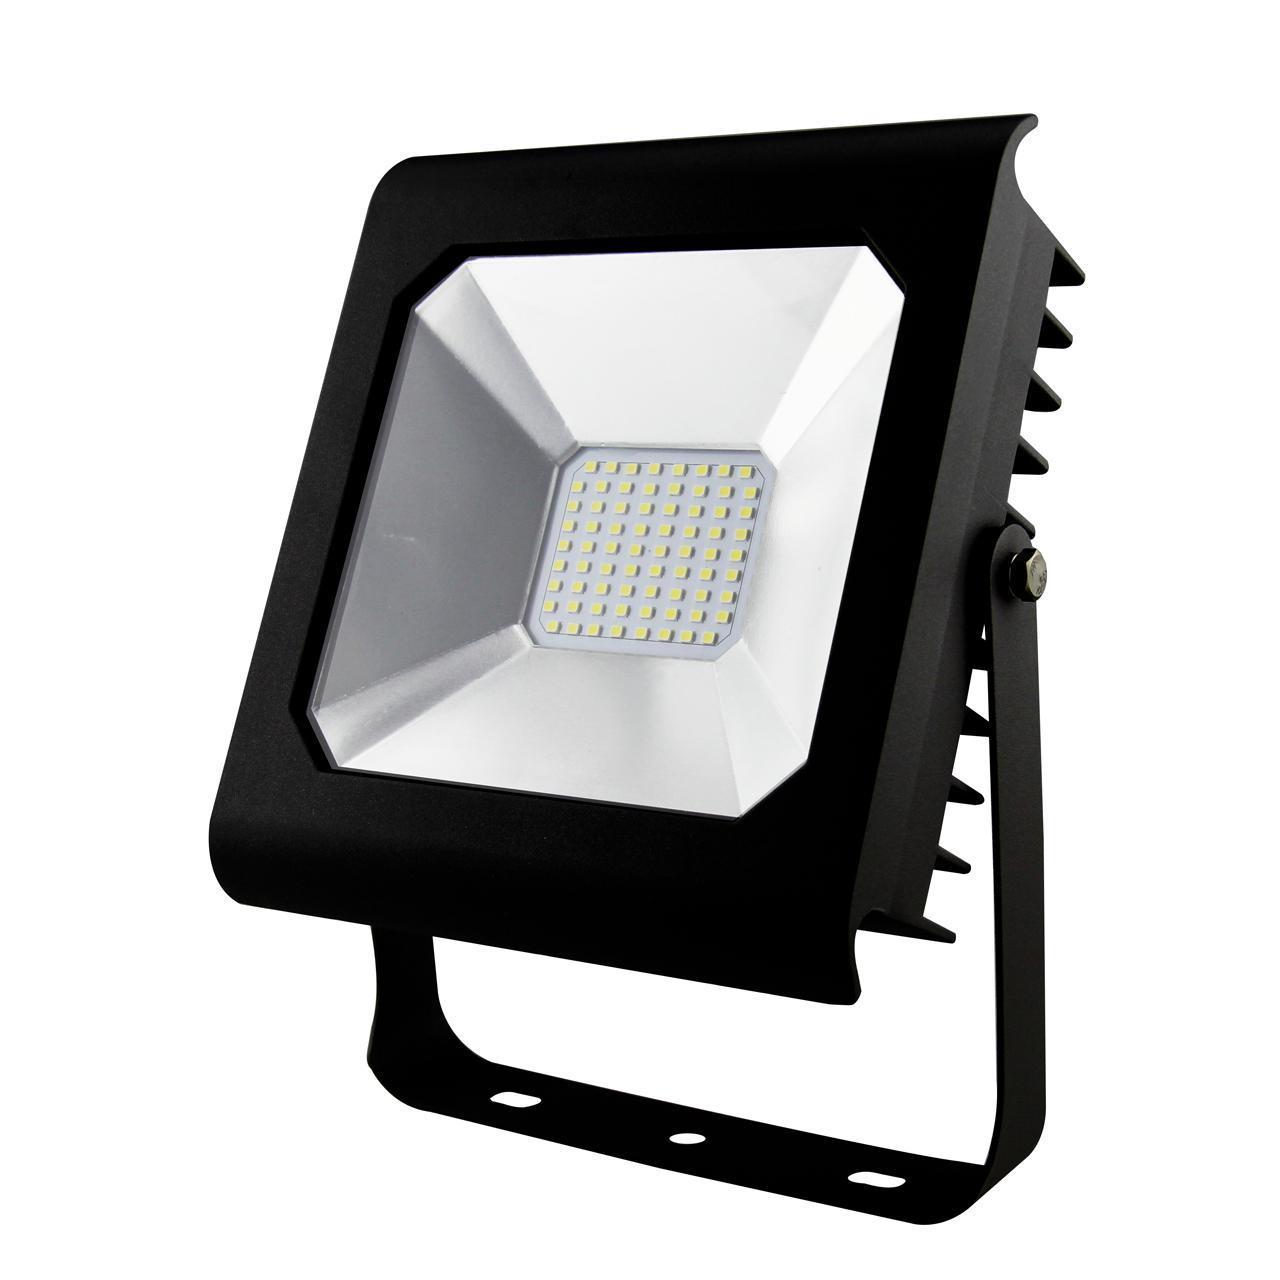 Прожектор Эра LPR-10-2700K-M SMD PRO, 10 Вт прожектор эра 30 вт